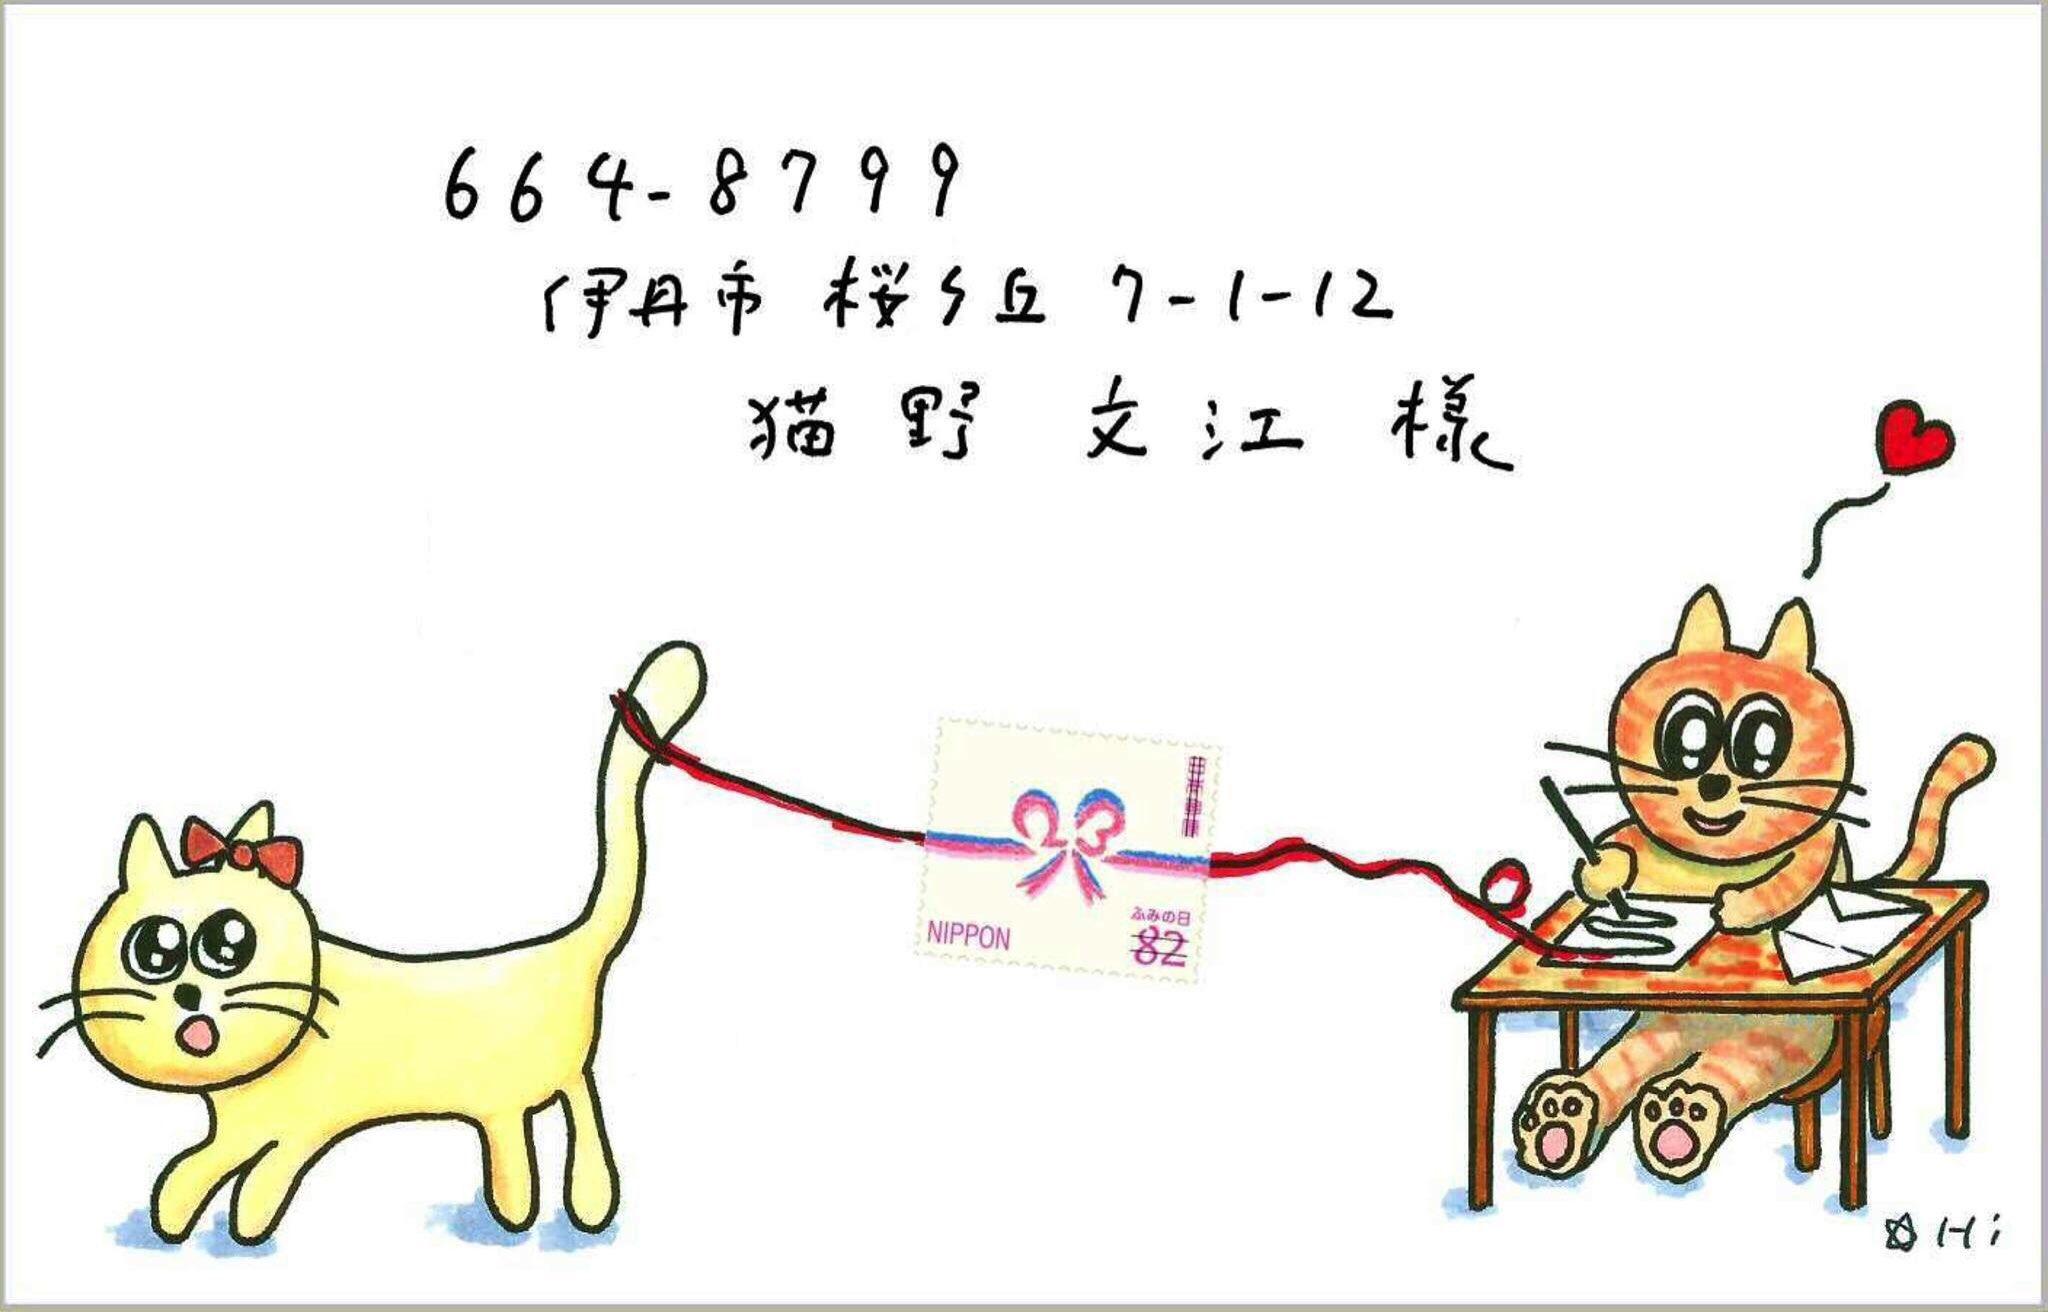 赤い糸で結ばれた猫さんのラブレター絵封筒